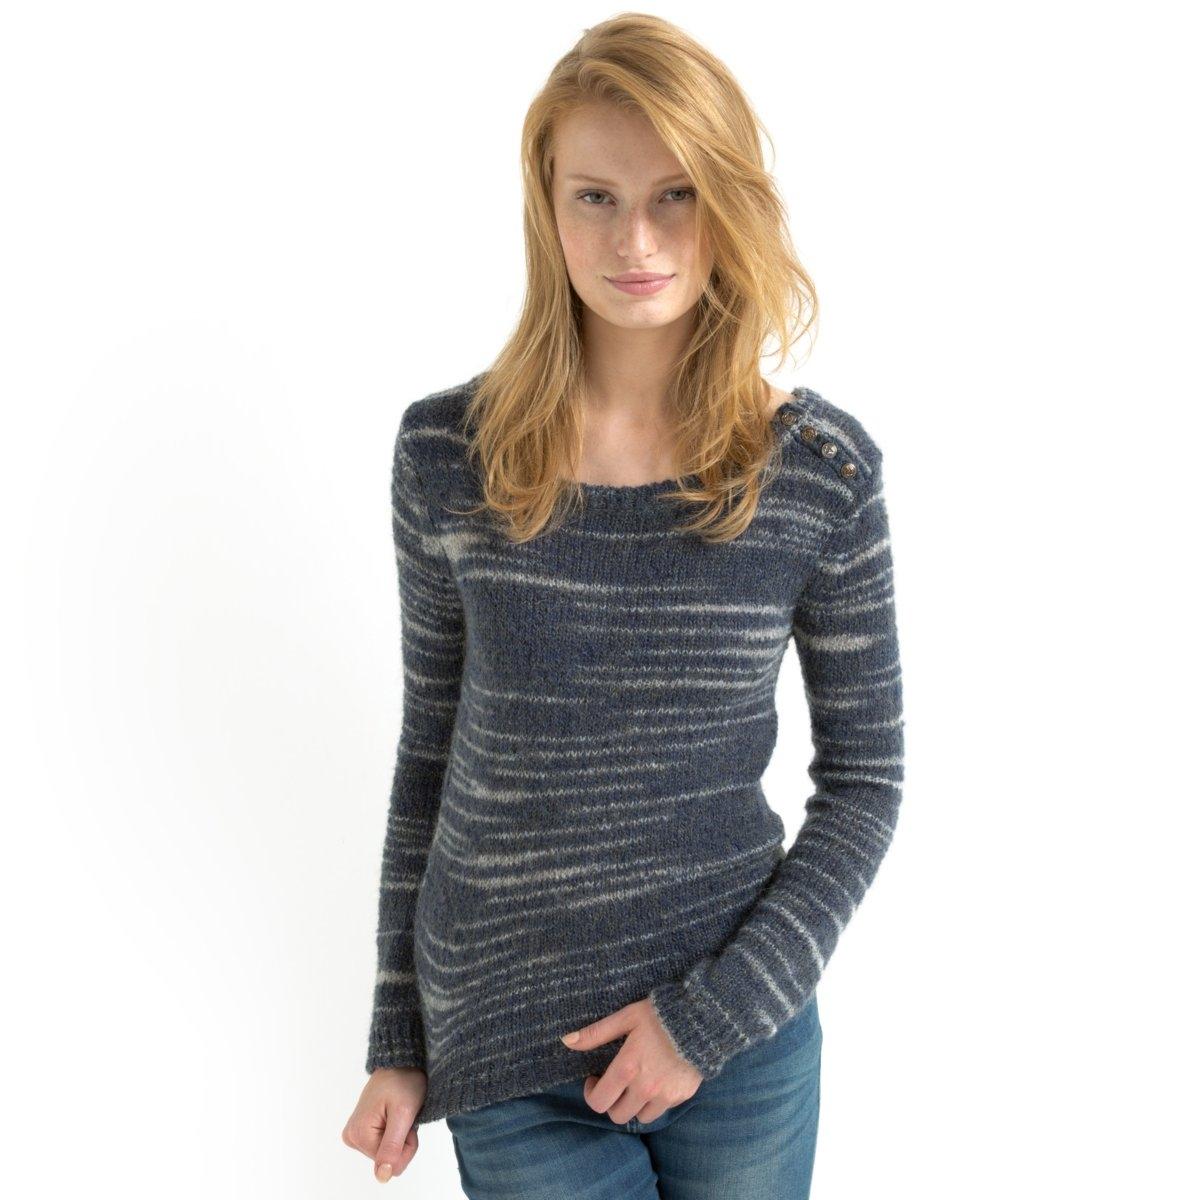 Пуловер в полоску с пуговицамиПуловер с беспорядочным узором полоска: 39% полиамида, 37% акрила, 24% мохера. Вырез-лодочка. Пуговицы на плече. Длинные рукава. Края выреза, манжет и низа связаны в рубчик.Длина: 64 см.<br><br>Цвет: сине-серый<br>Размер: 46/48 (FR) - 52/54 (RUS)